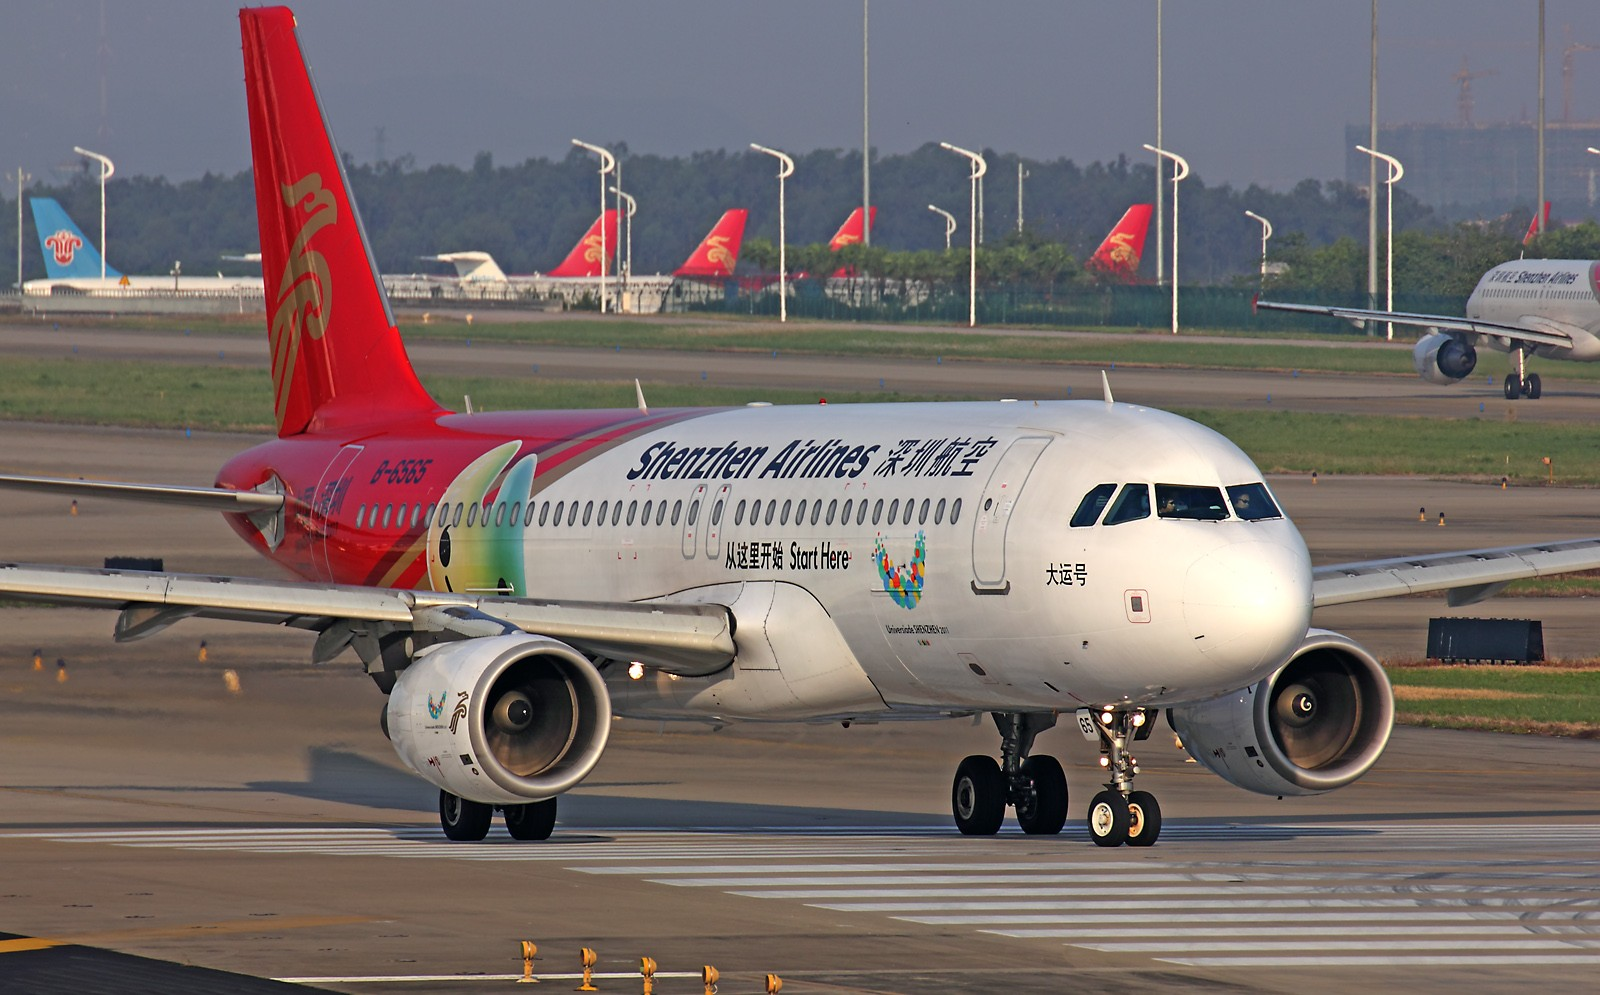 Re:[原创]*** 清晨美妙的光线,拍一拍等待中的飞机也是一种享受 *** AIRBUS A320-200 B-6565 中国广州白云机场